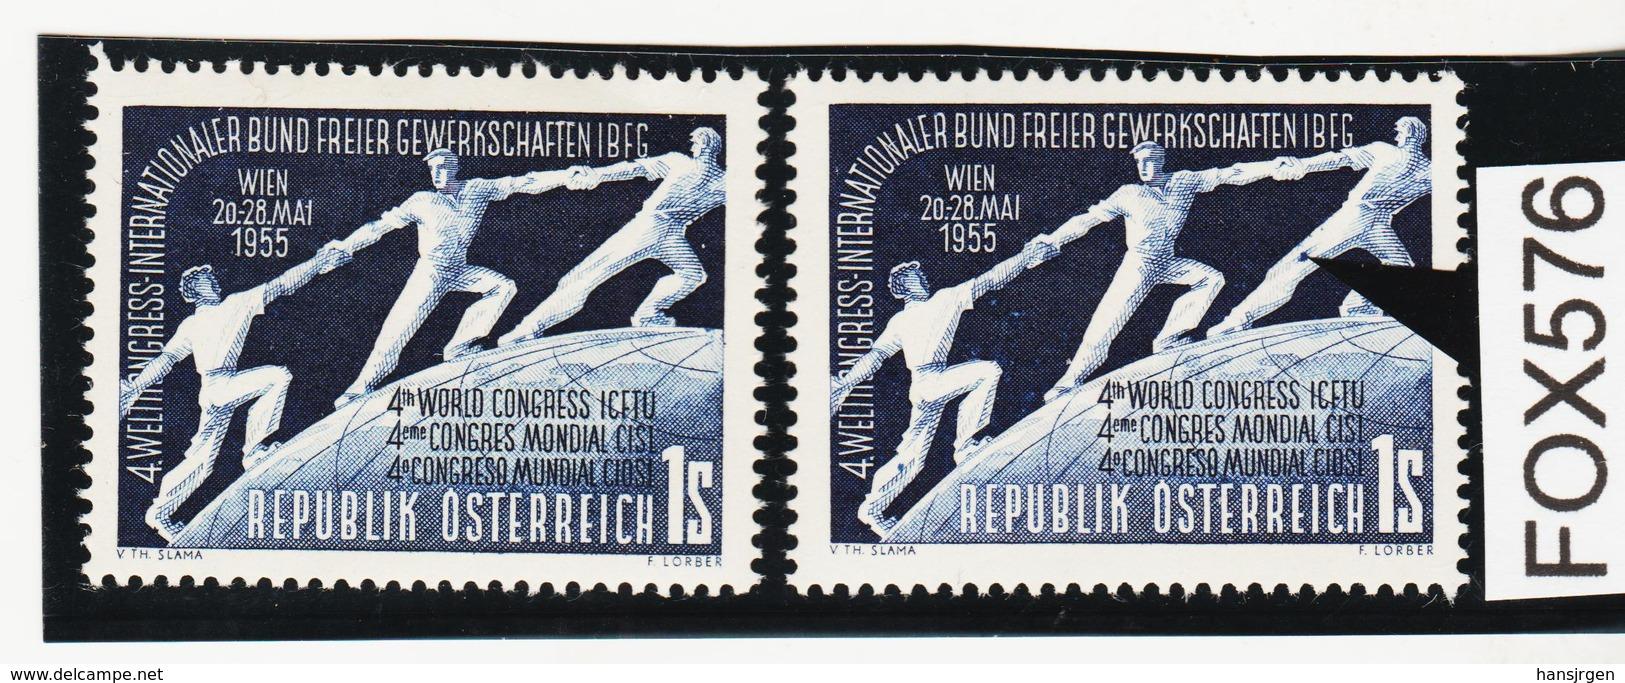 FOX576 ÖSTERREICH 1955 Michl 1018 PLATTENFEHLER FARBFLECK HOSE ** Postfrisch - Abarten & Kuriositäten